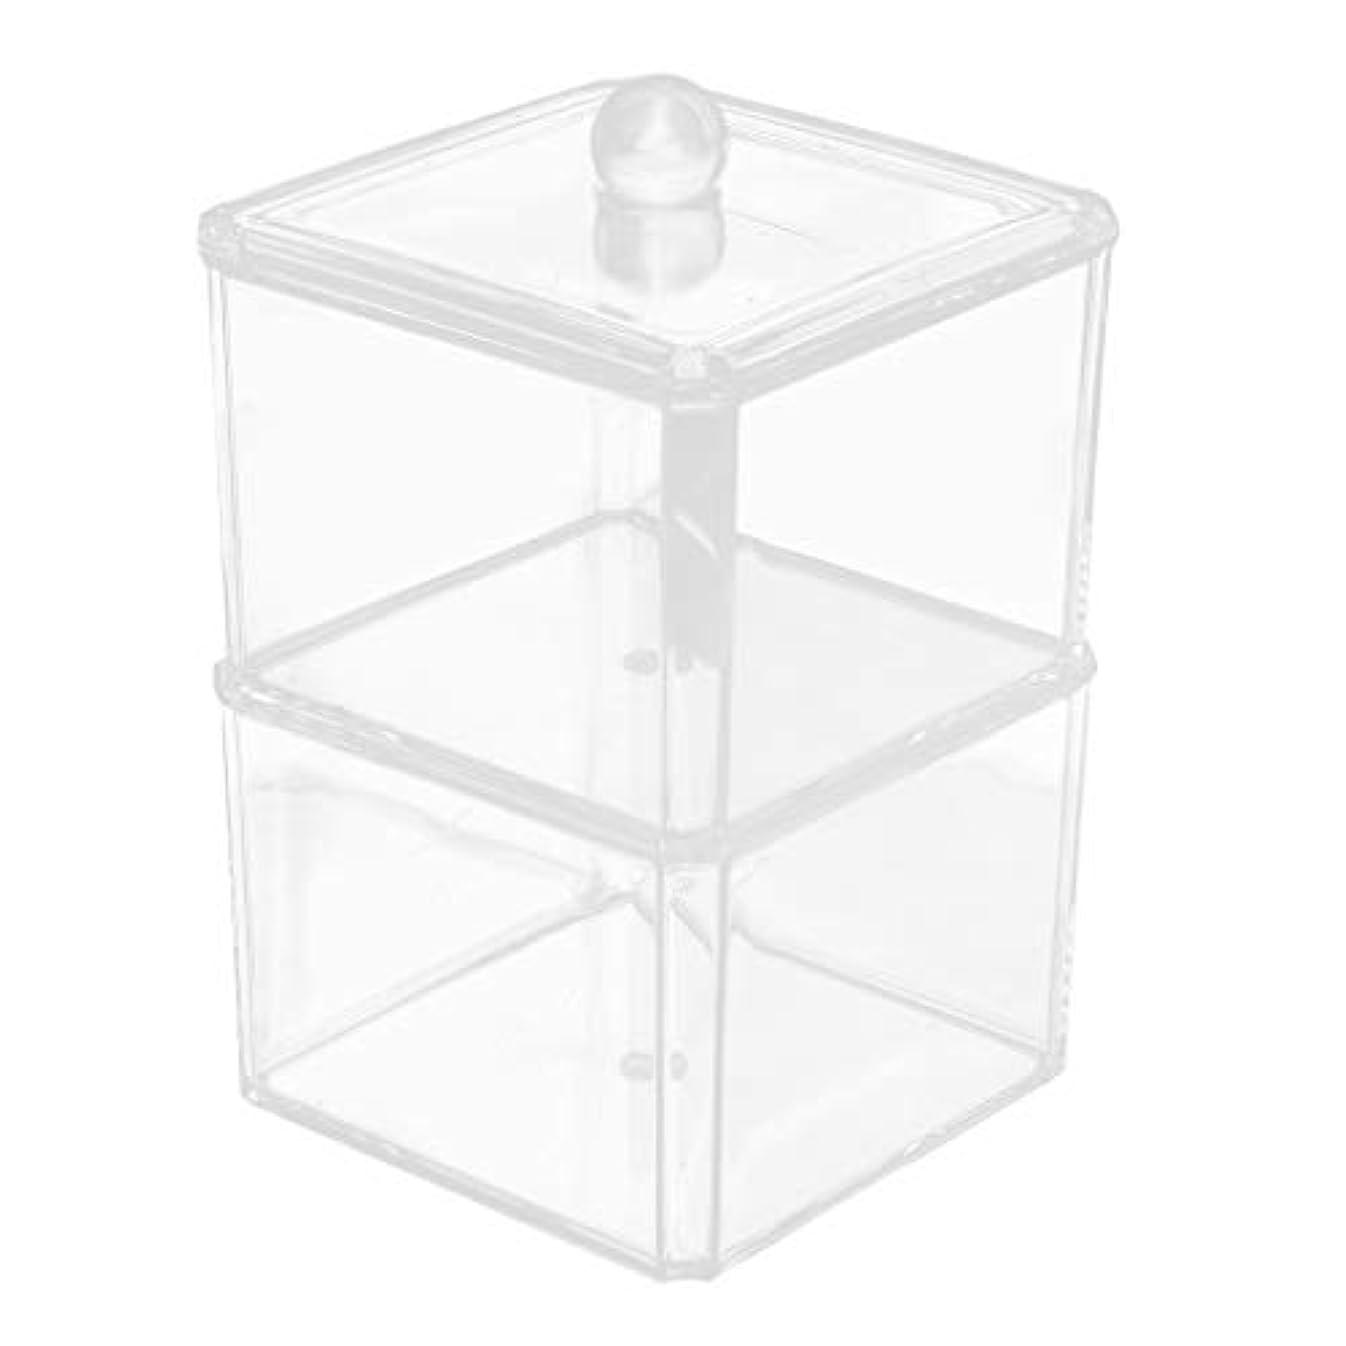 こだわり控えるロケーションB Blesiya メイク収納ボックス 綿棒 化粧品 コットンスティック ボックス 蓋付き 全7サイズ - C